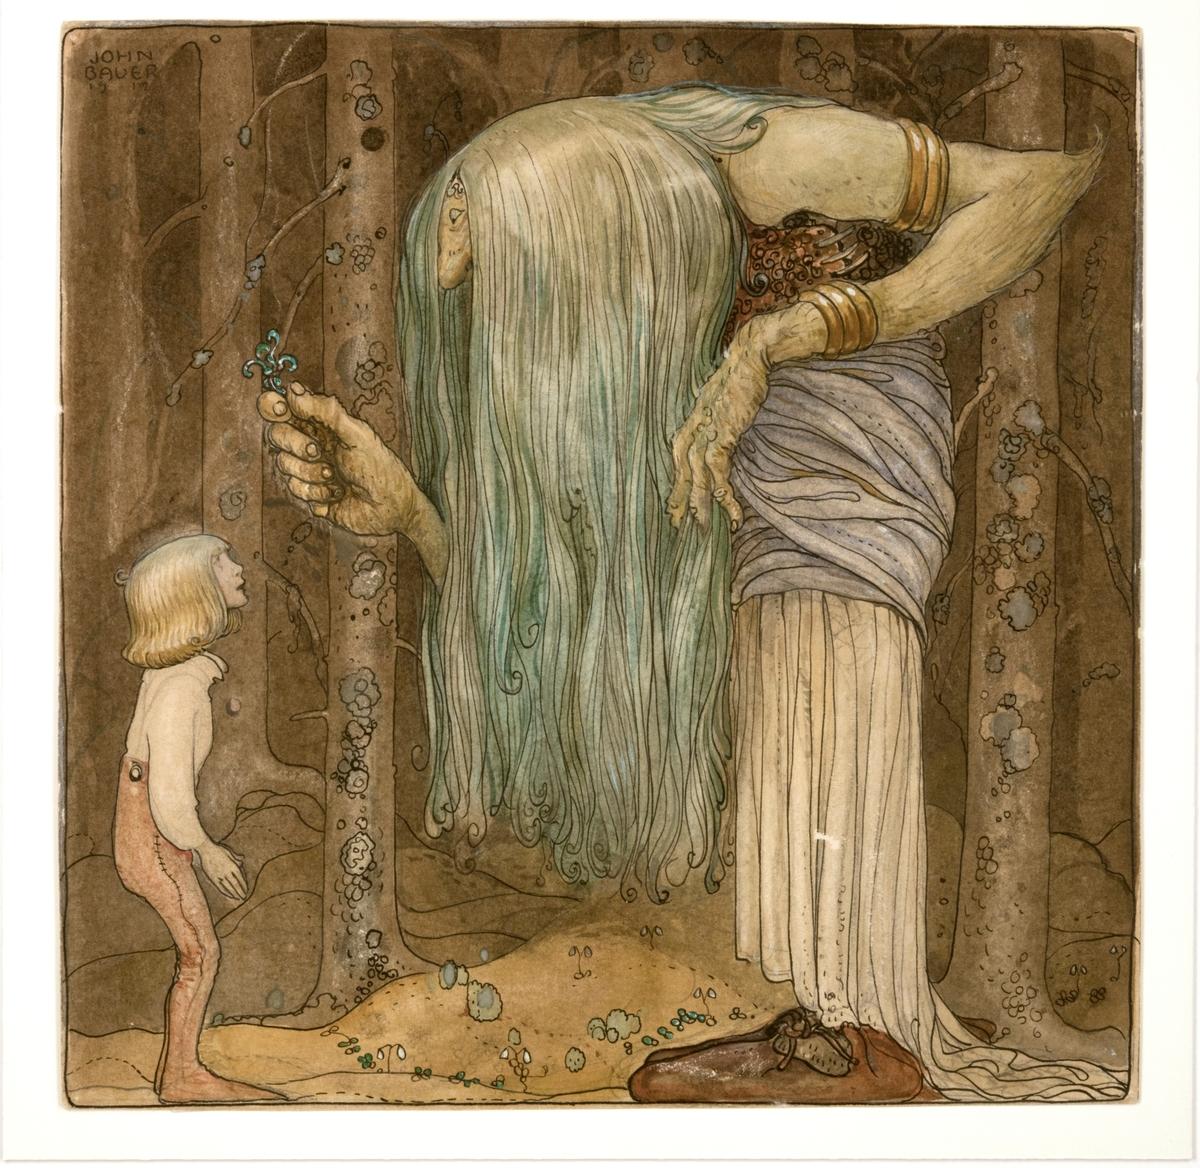 """Akvarellmålning med detaljer i gouache, tusch och blyerts föreställande troll/skogsrå med långt hår som överräcker en trollört till pojken i skogen. Brun färgskala, trollets hår grönfärgat.  Baksida text: """"Här ska du få en bit af en trollört, som (ingen) mer än jag kan leta rätt på""""."""